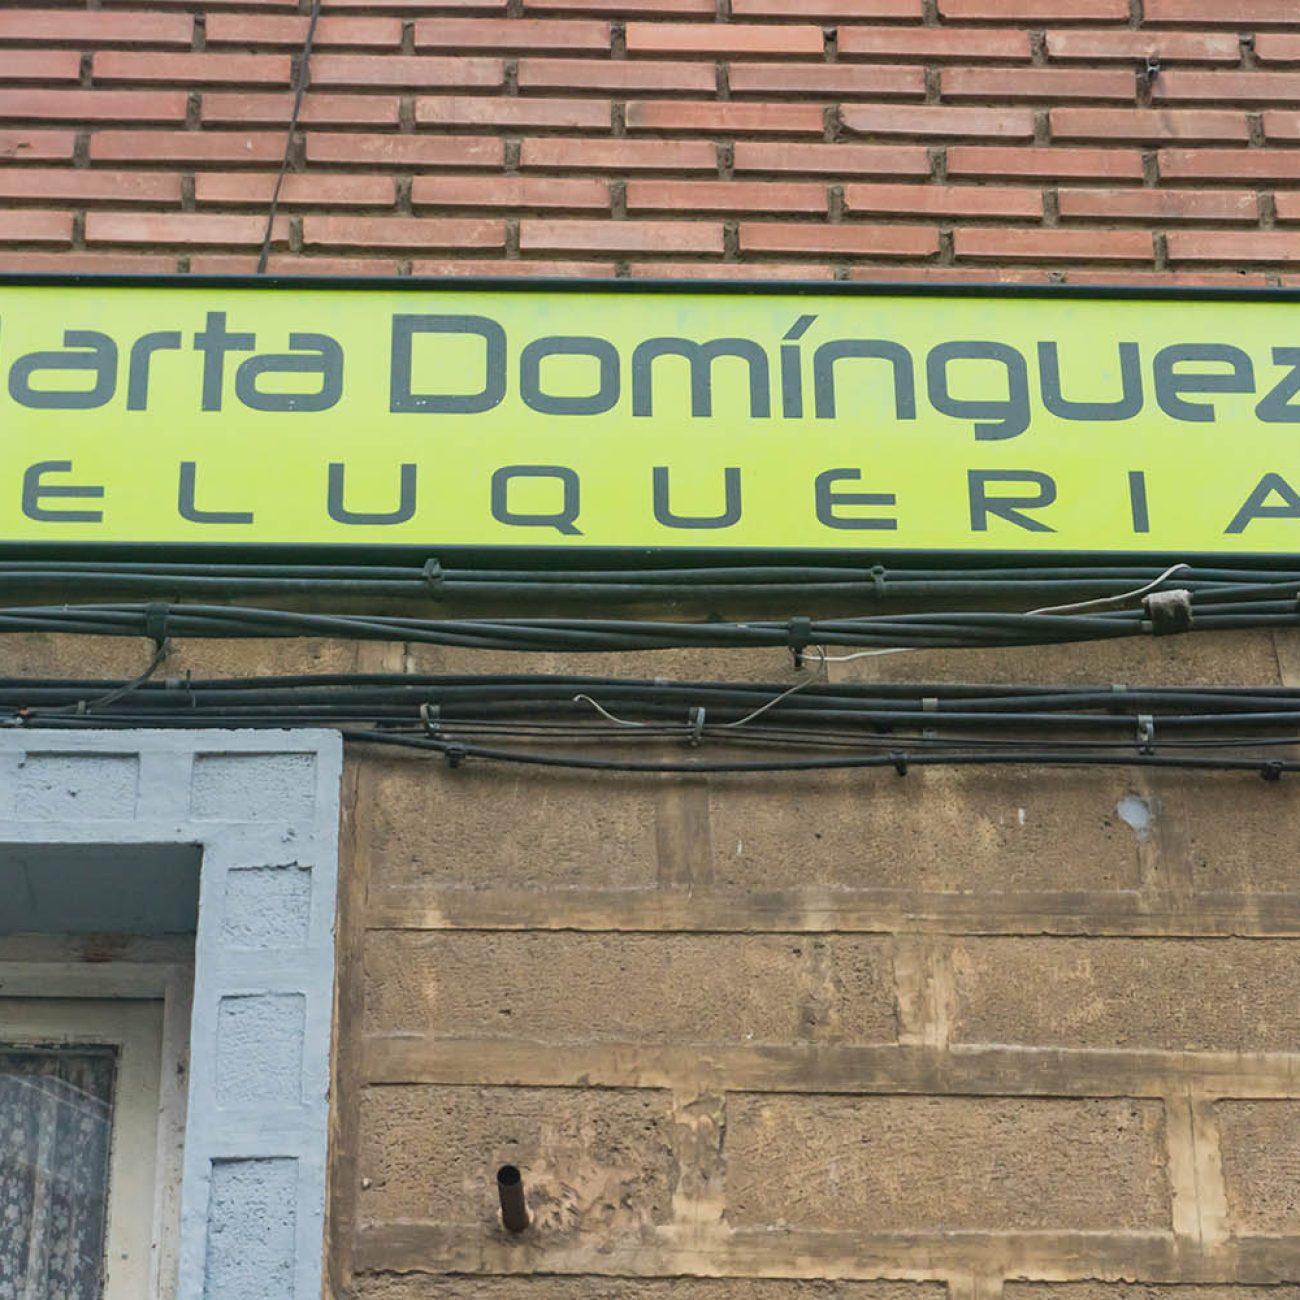 MARTA DOMINGUEZ PELUQUERIA